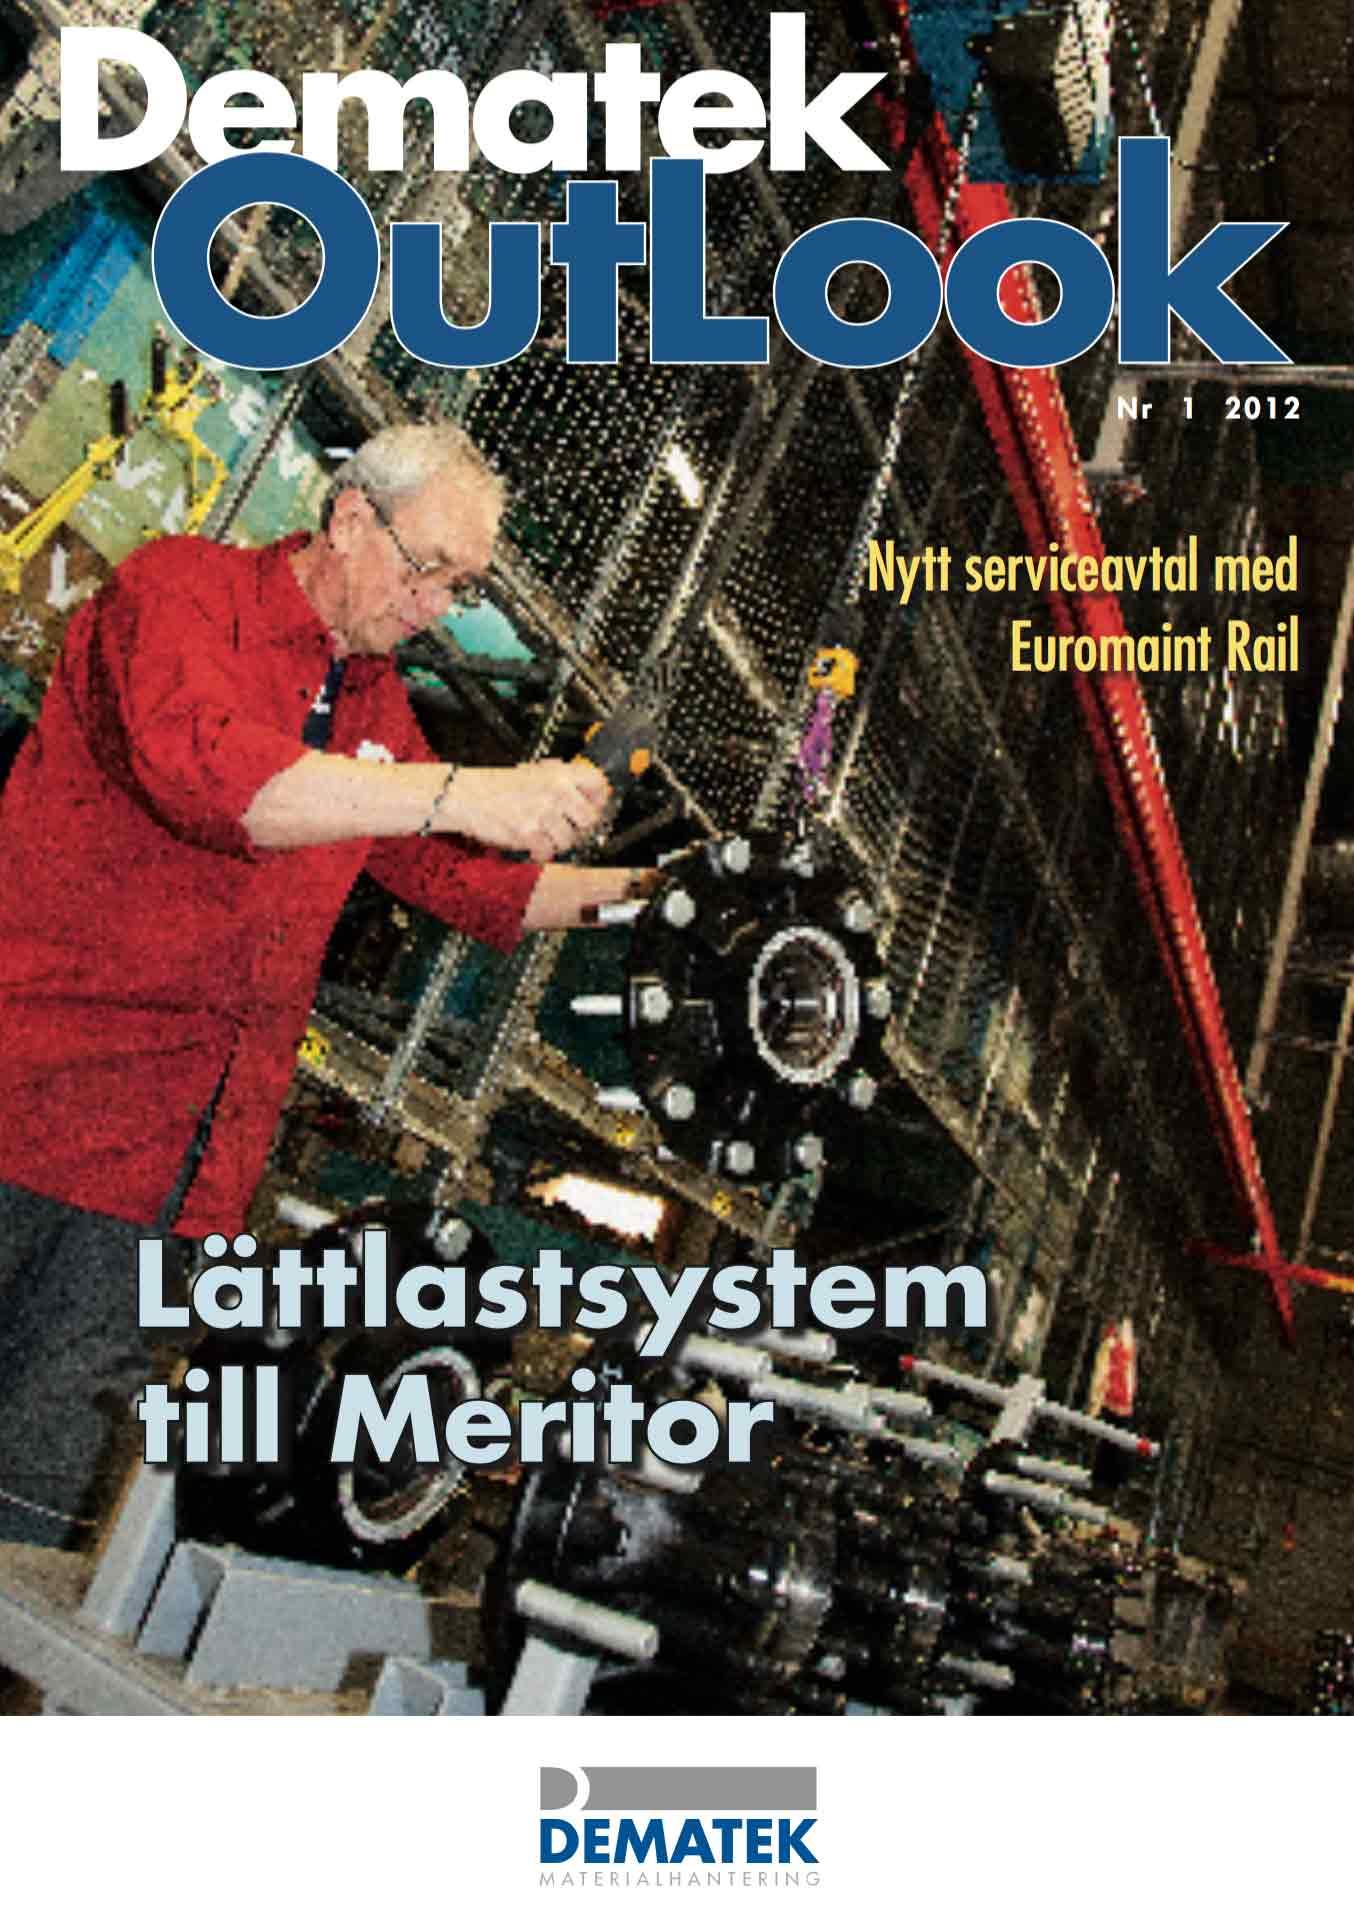 Dematek OutLook nr 1, 2012